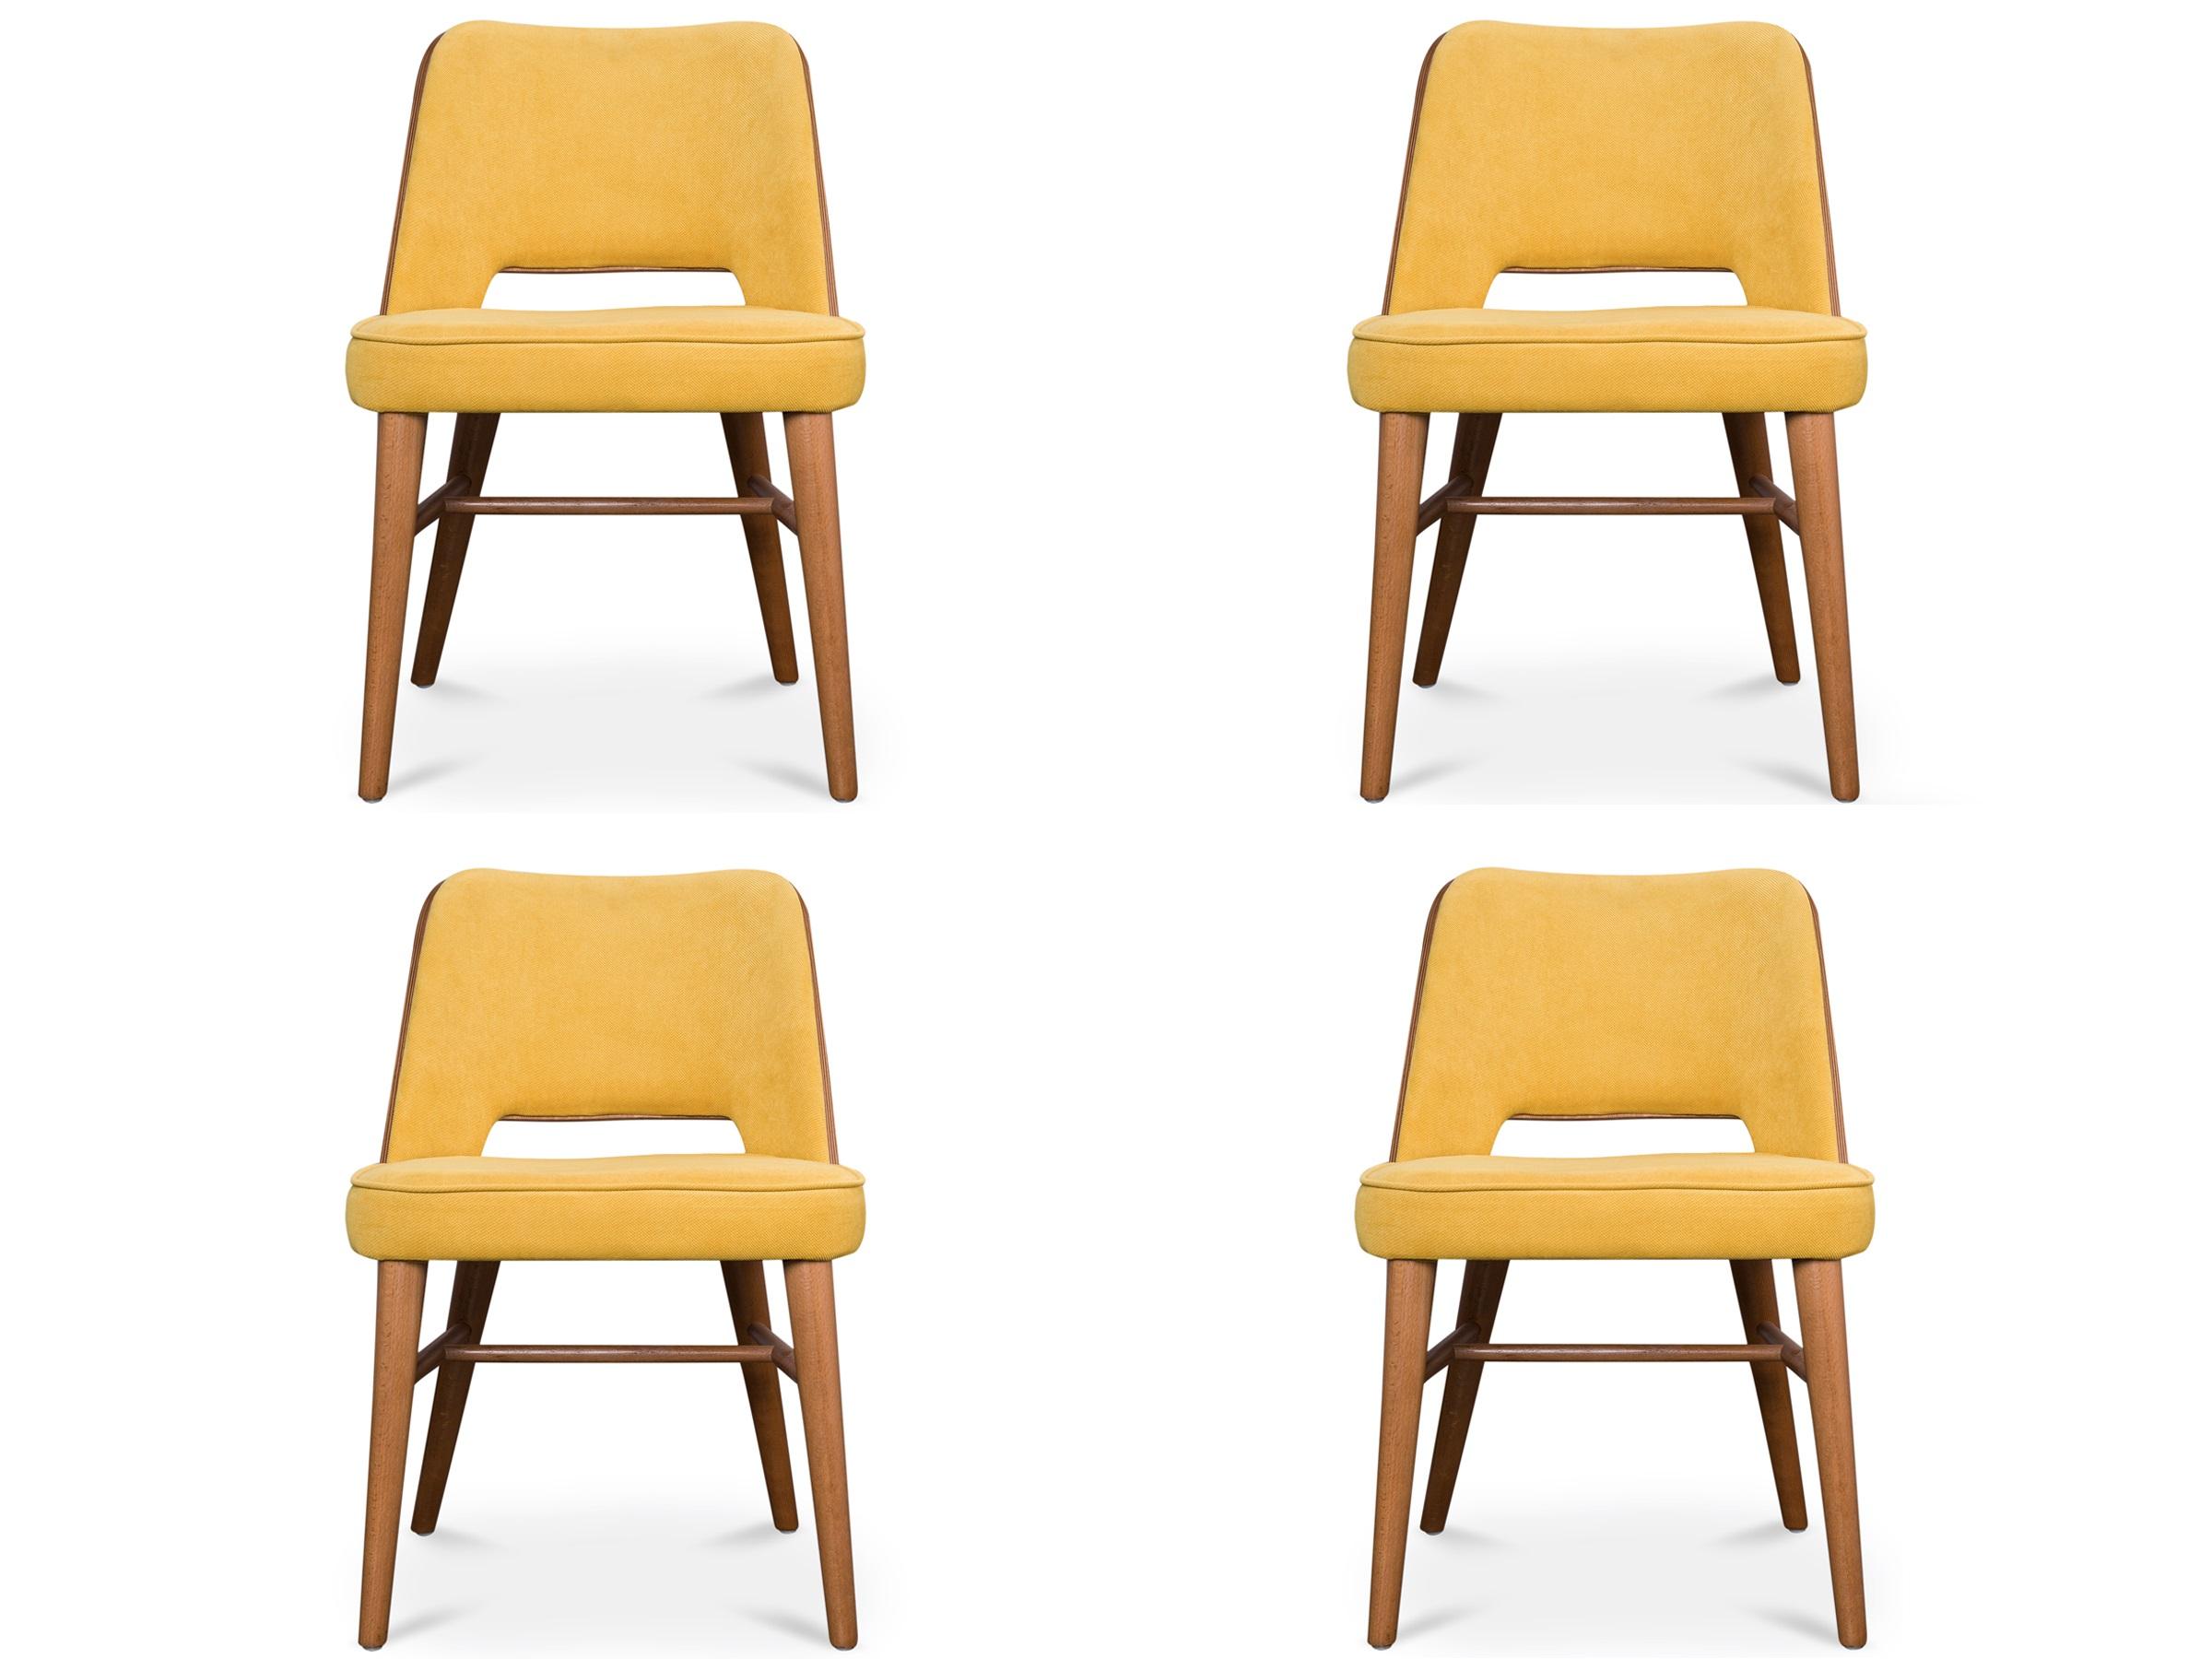 Комплект из 4 стульев AkselКомплекты<br>Aksel взял лучшее из двух миров: крепкие материалы и выразительный дизайн в стиле &amp;quot;hygge&amp;quot;.&amp;lt;div&amp;gt;Гладкий проем между мягким сидением и усиленной спинкой добавляет необходимый штрих традиционной форме, &amp;amp;nbsp;а выносливая обивка и ореховый каркас сослужат вам хорошую службу,&amp;lt;div&amp;gt;&amp;lt;div&amp;gt;&amp;lt;br&amp;gt;&amp;lt;div&amp;gt;Высота сидения: 48 см.&amp;lt;/div&amp;gt;&amp;lt;/div&amp;gt;&amp;lt;/div&amp;gt;&amp;lt;/div&amp;gt;<br><br>Material: Текстиль<br>Ширина см: 46<br>Высота см: 82<br>Глубина см: 50